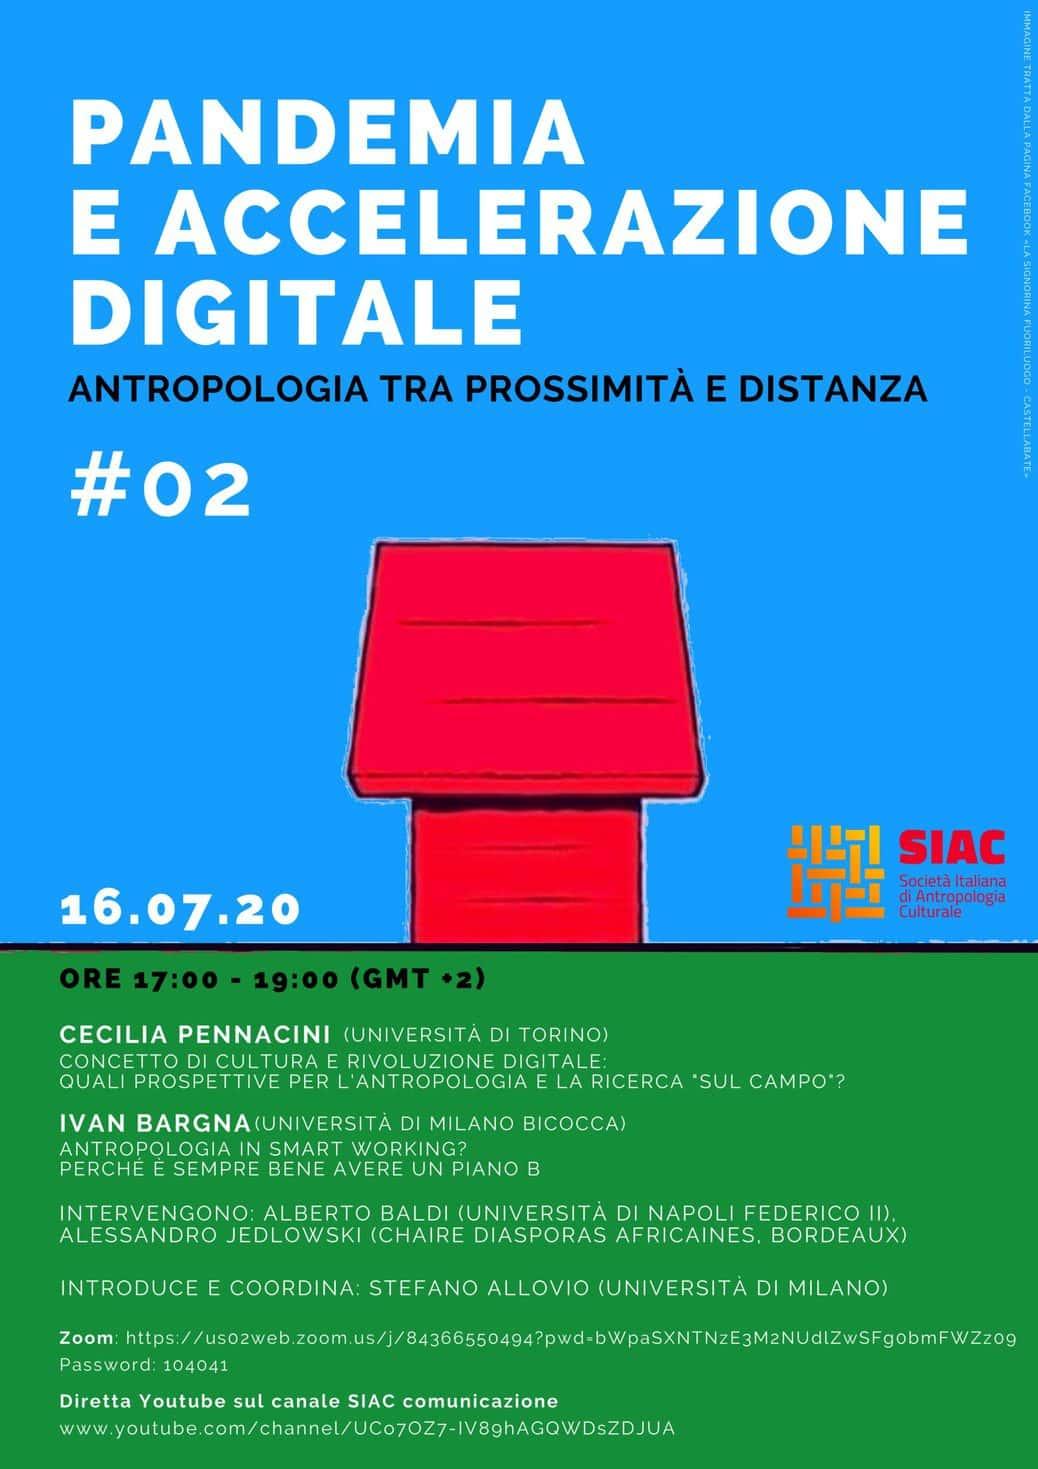 Pandemia e accelerazione digitale - Antropologia fra prossimità e distanza